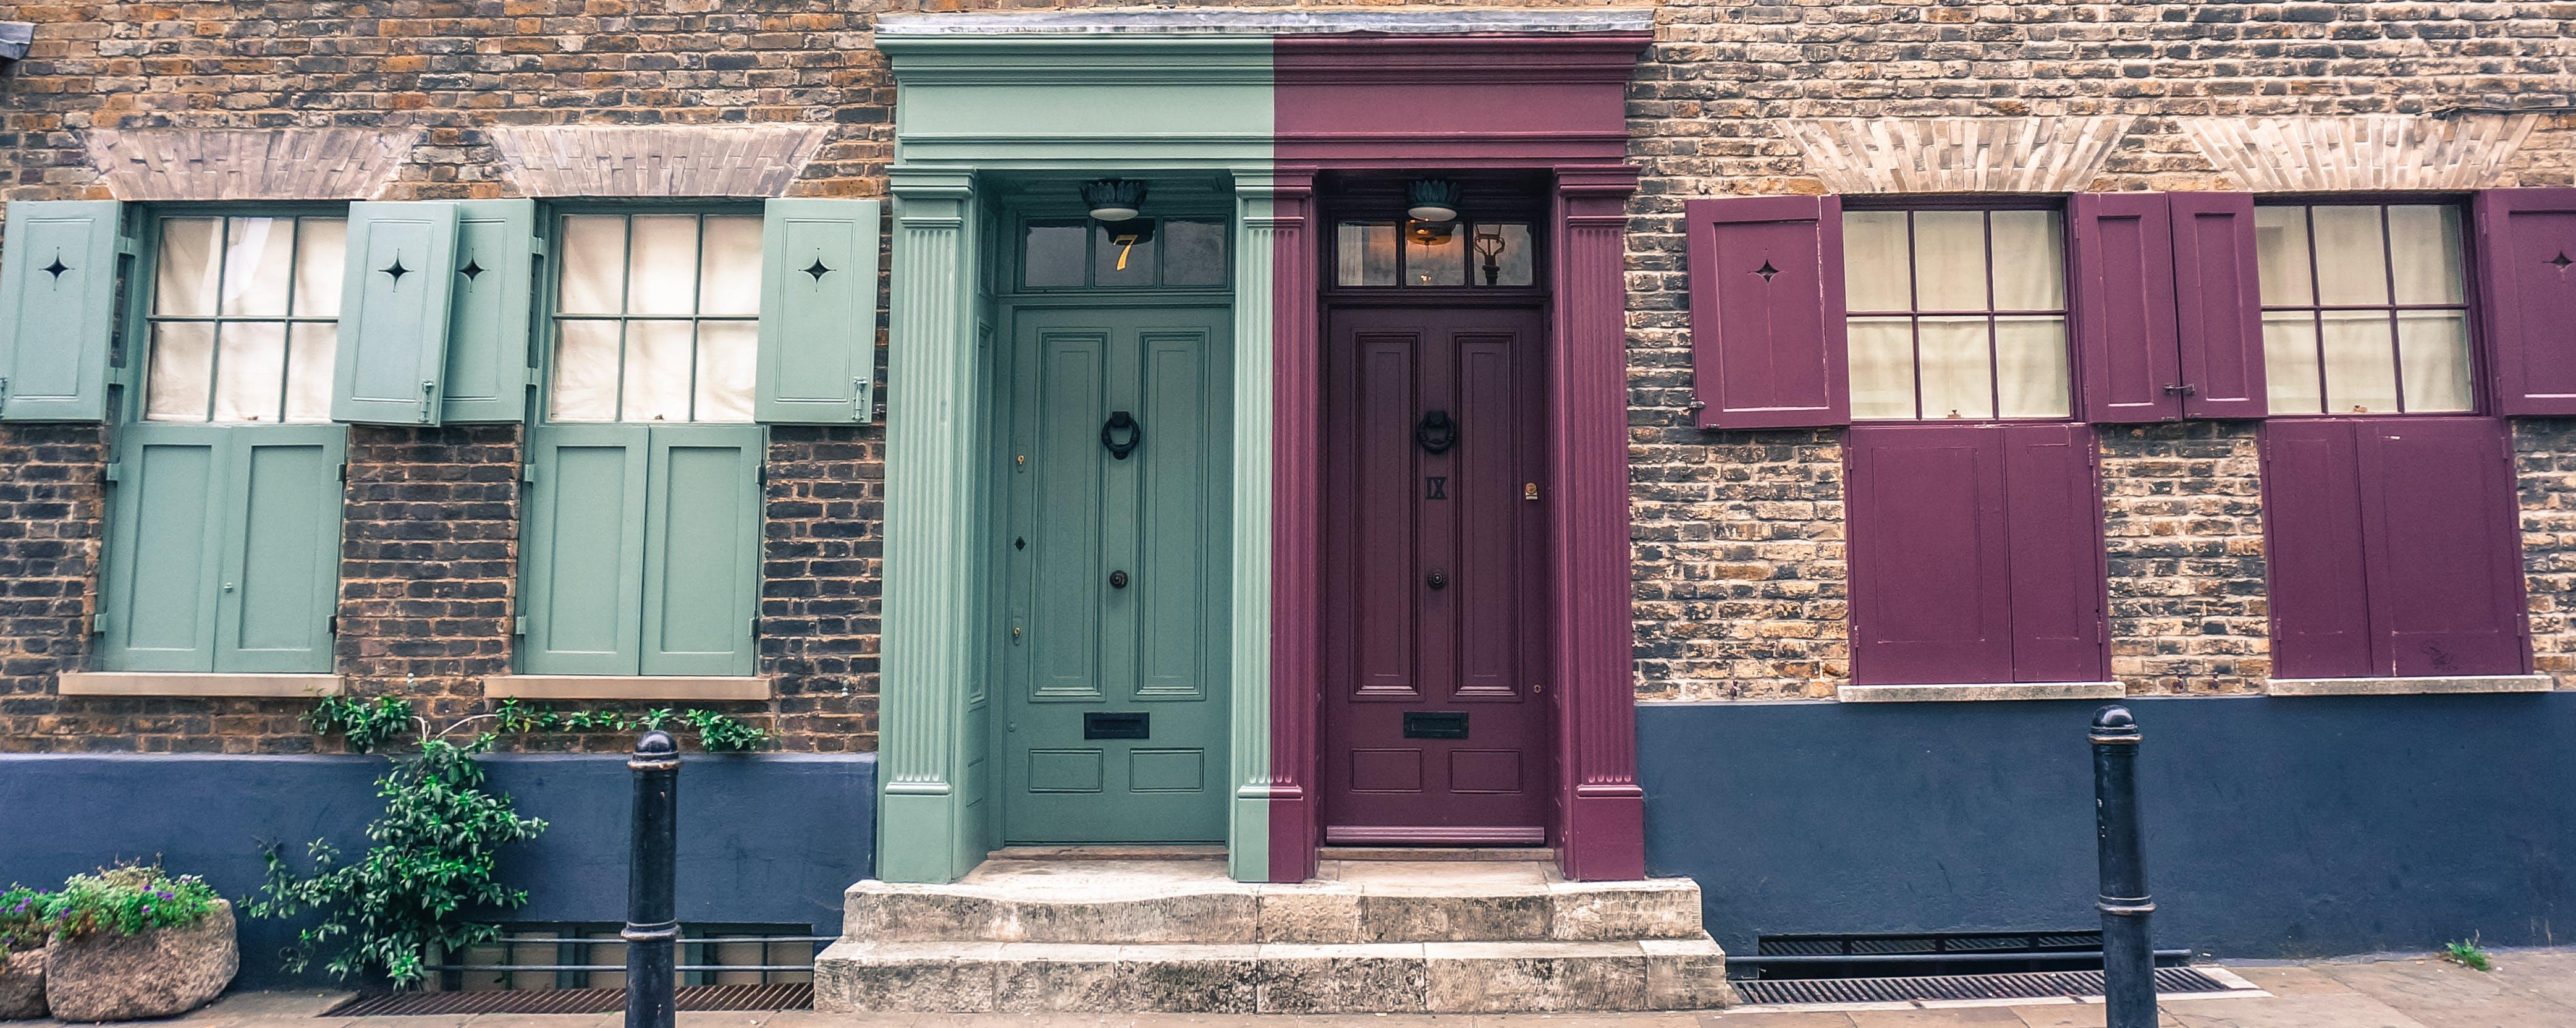 Δωρεάν στοκ φωτογραφιών με έγχρωμη πόρτα, θύρα, Λονδίνο, πόρτες